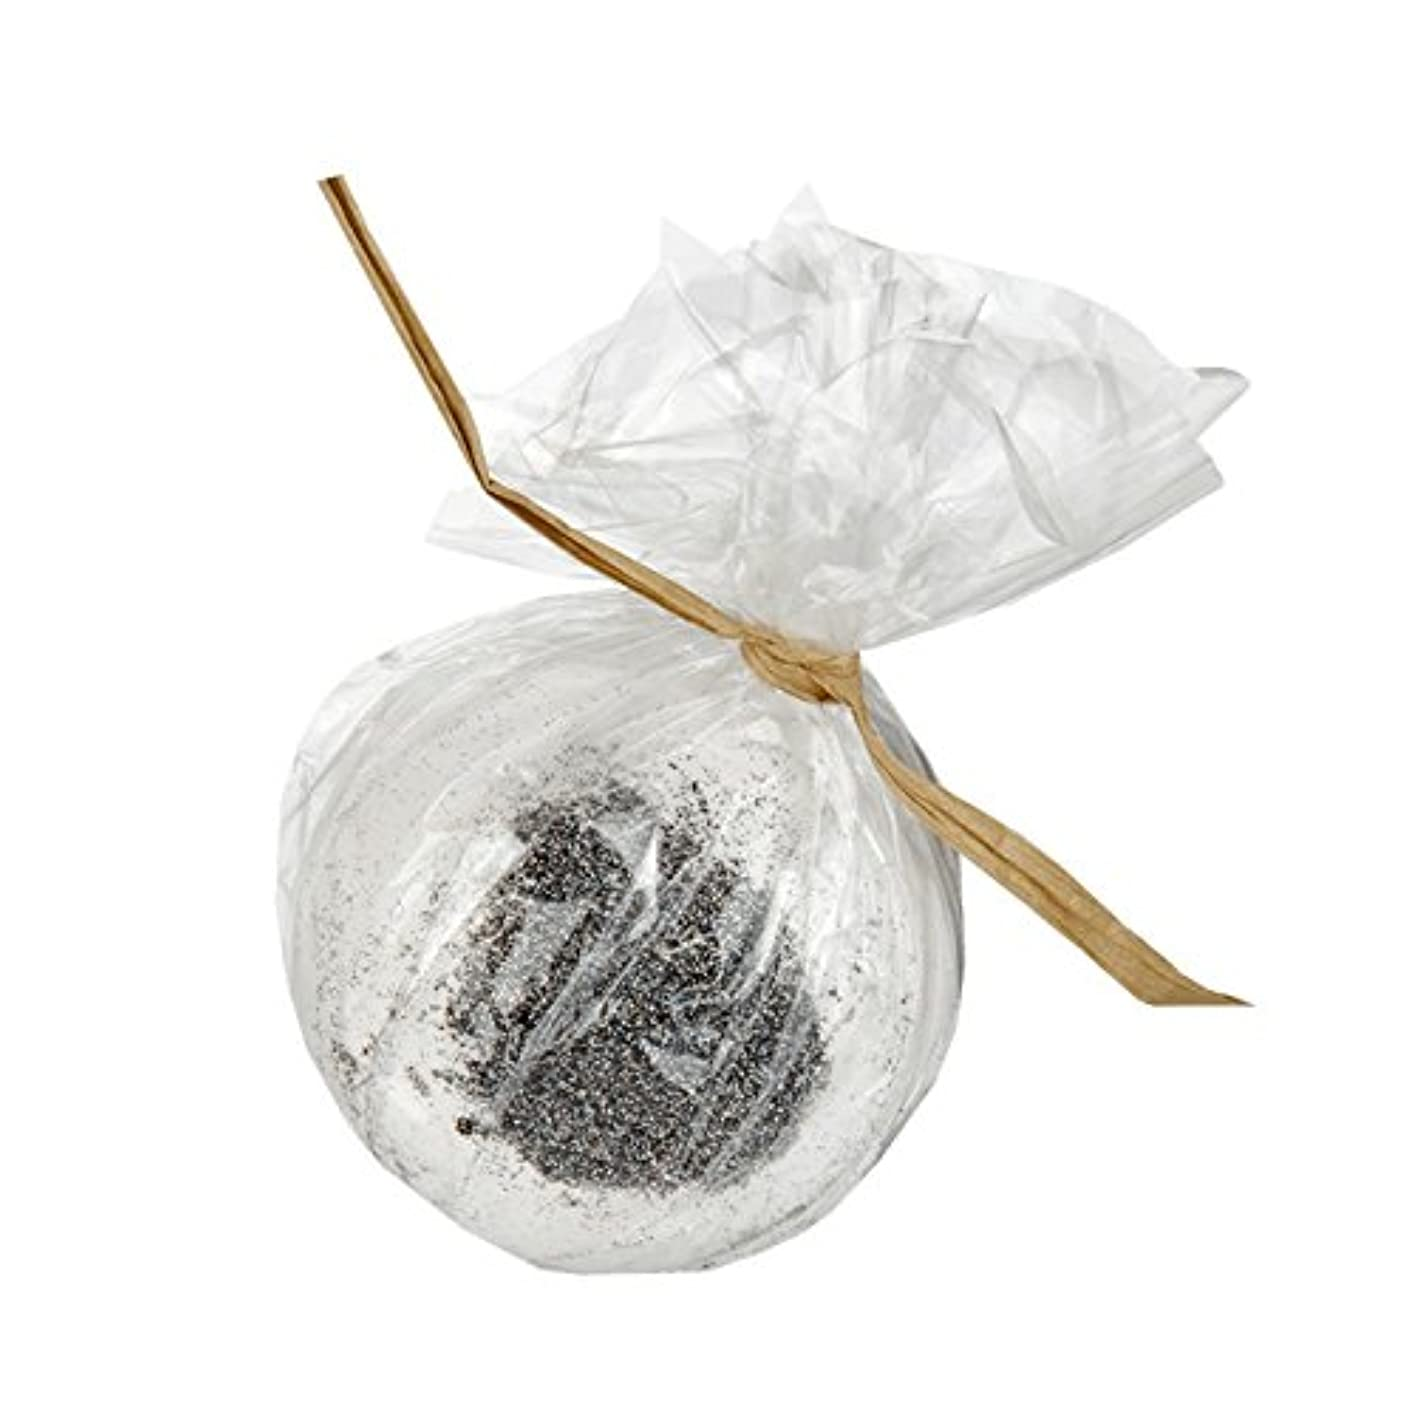 存在無臭柔らかい足Beauty Kitchen Chill Me Moon Shine Bath Bomb 180g (Pack of 6) - 美しさのキッチンは私に密造酒風呂爆弾180グラムを冷やします (x6) [並行輸入品]